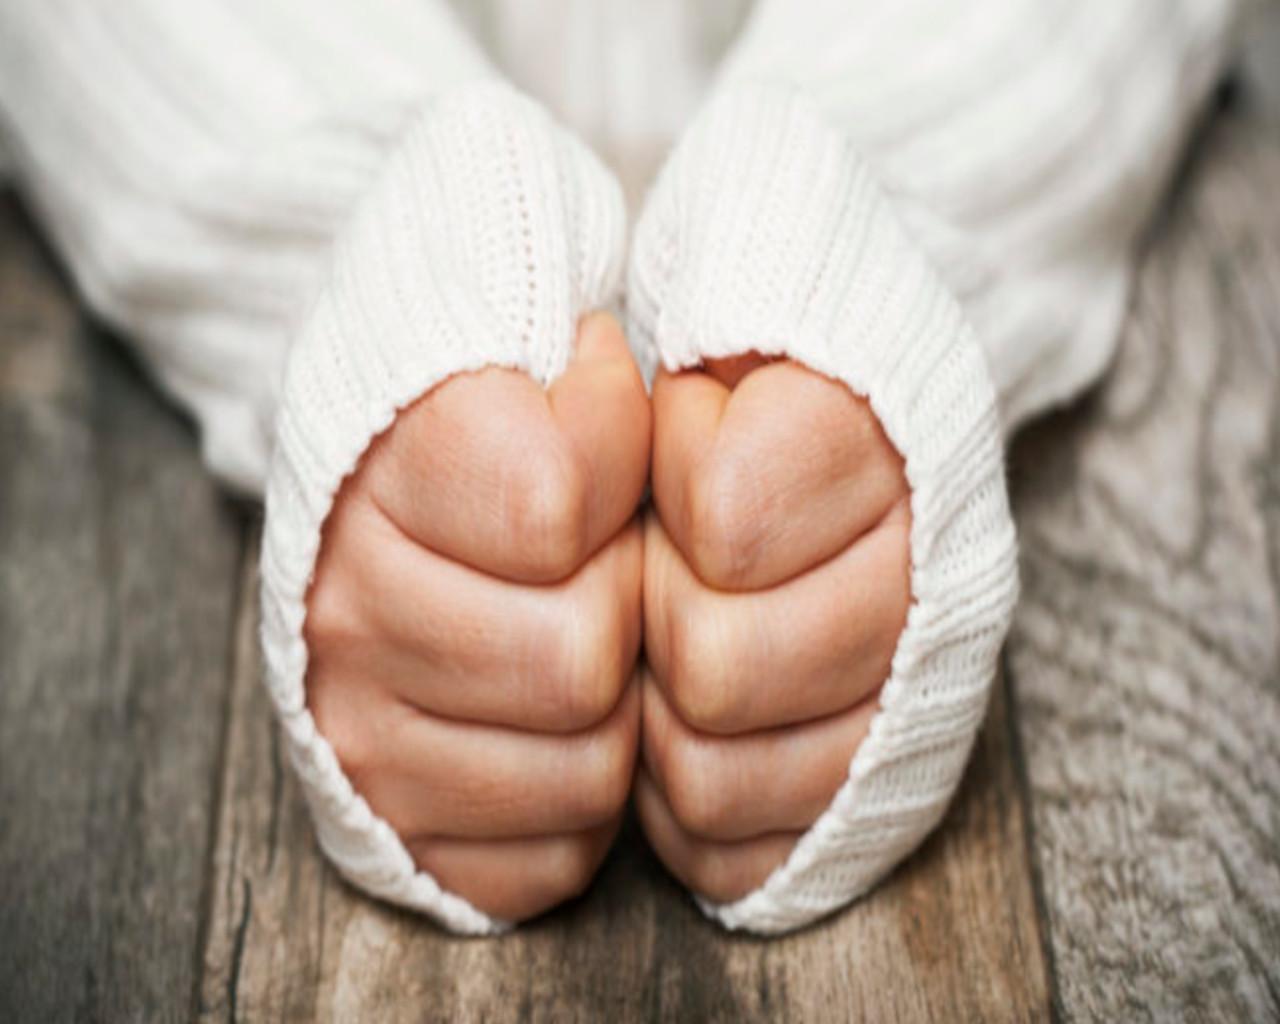 ασθενεια,ασθενεια εργαζομενου,ασθενεια των οργανων τησ αναπνοησ,ασθενεια αμπελιων,ασθενεια λυκοσ,ασθενεια του υπνου,ασθενεια απο ποντικια,ασθενεια κατρουγκαλου,ασθενεια ορισμοσ